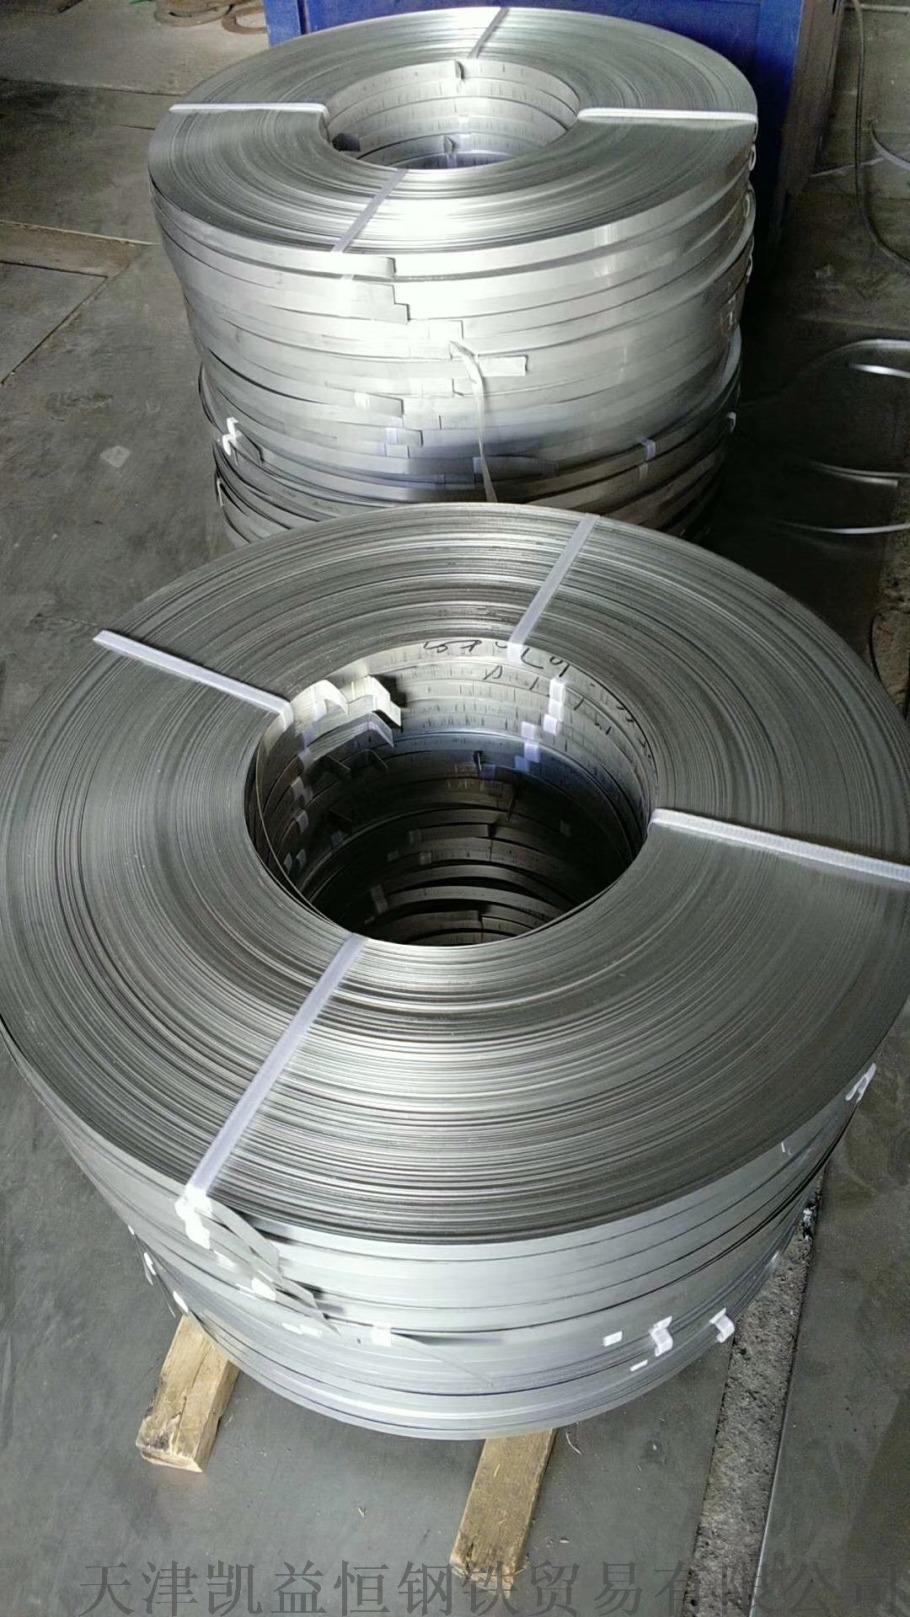 304不鏽鋼帶廠 304不鏽冷軋鋼帶加工106529245